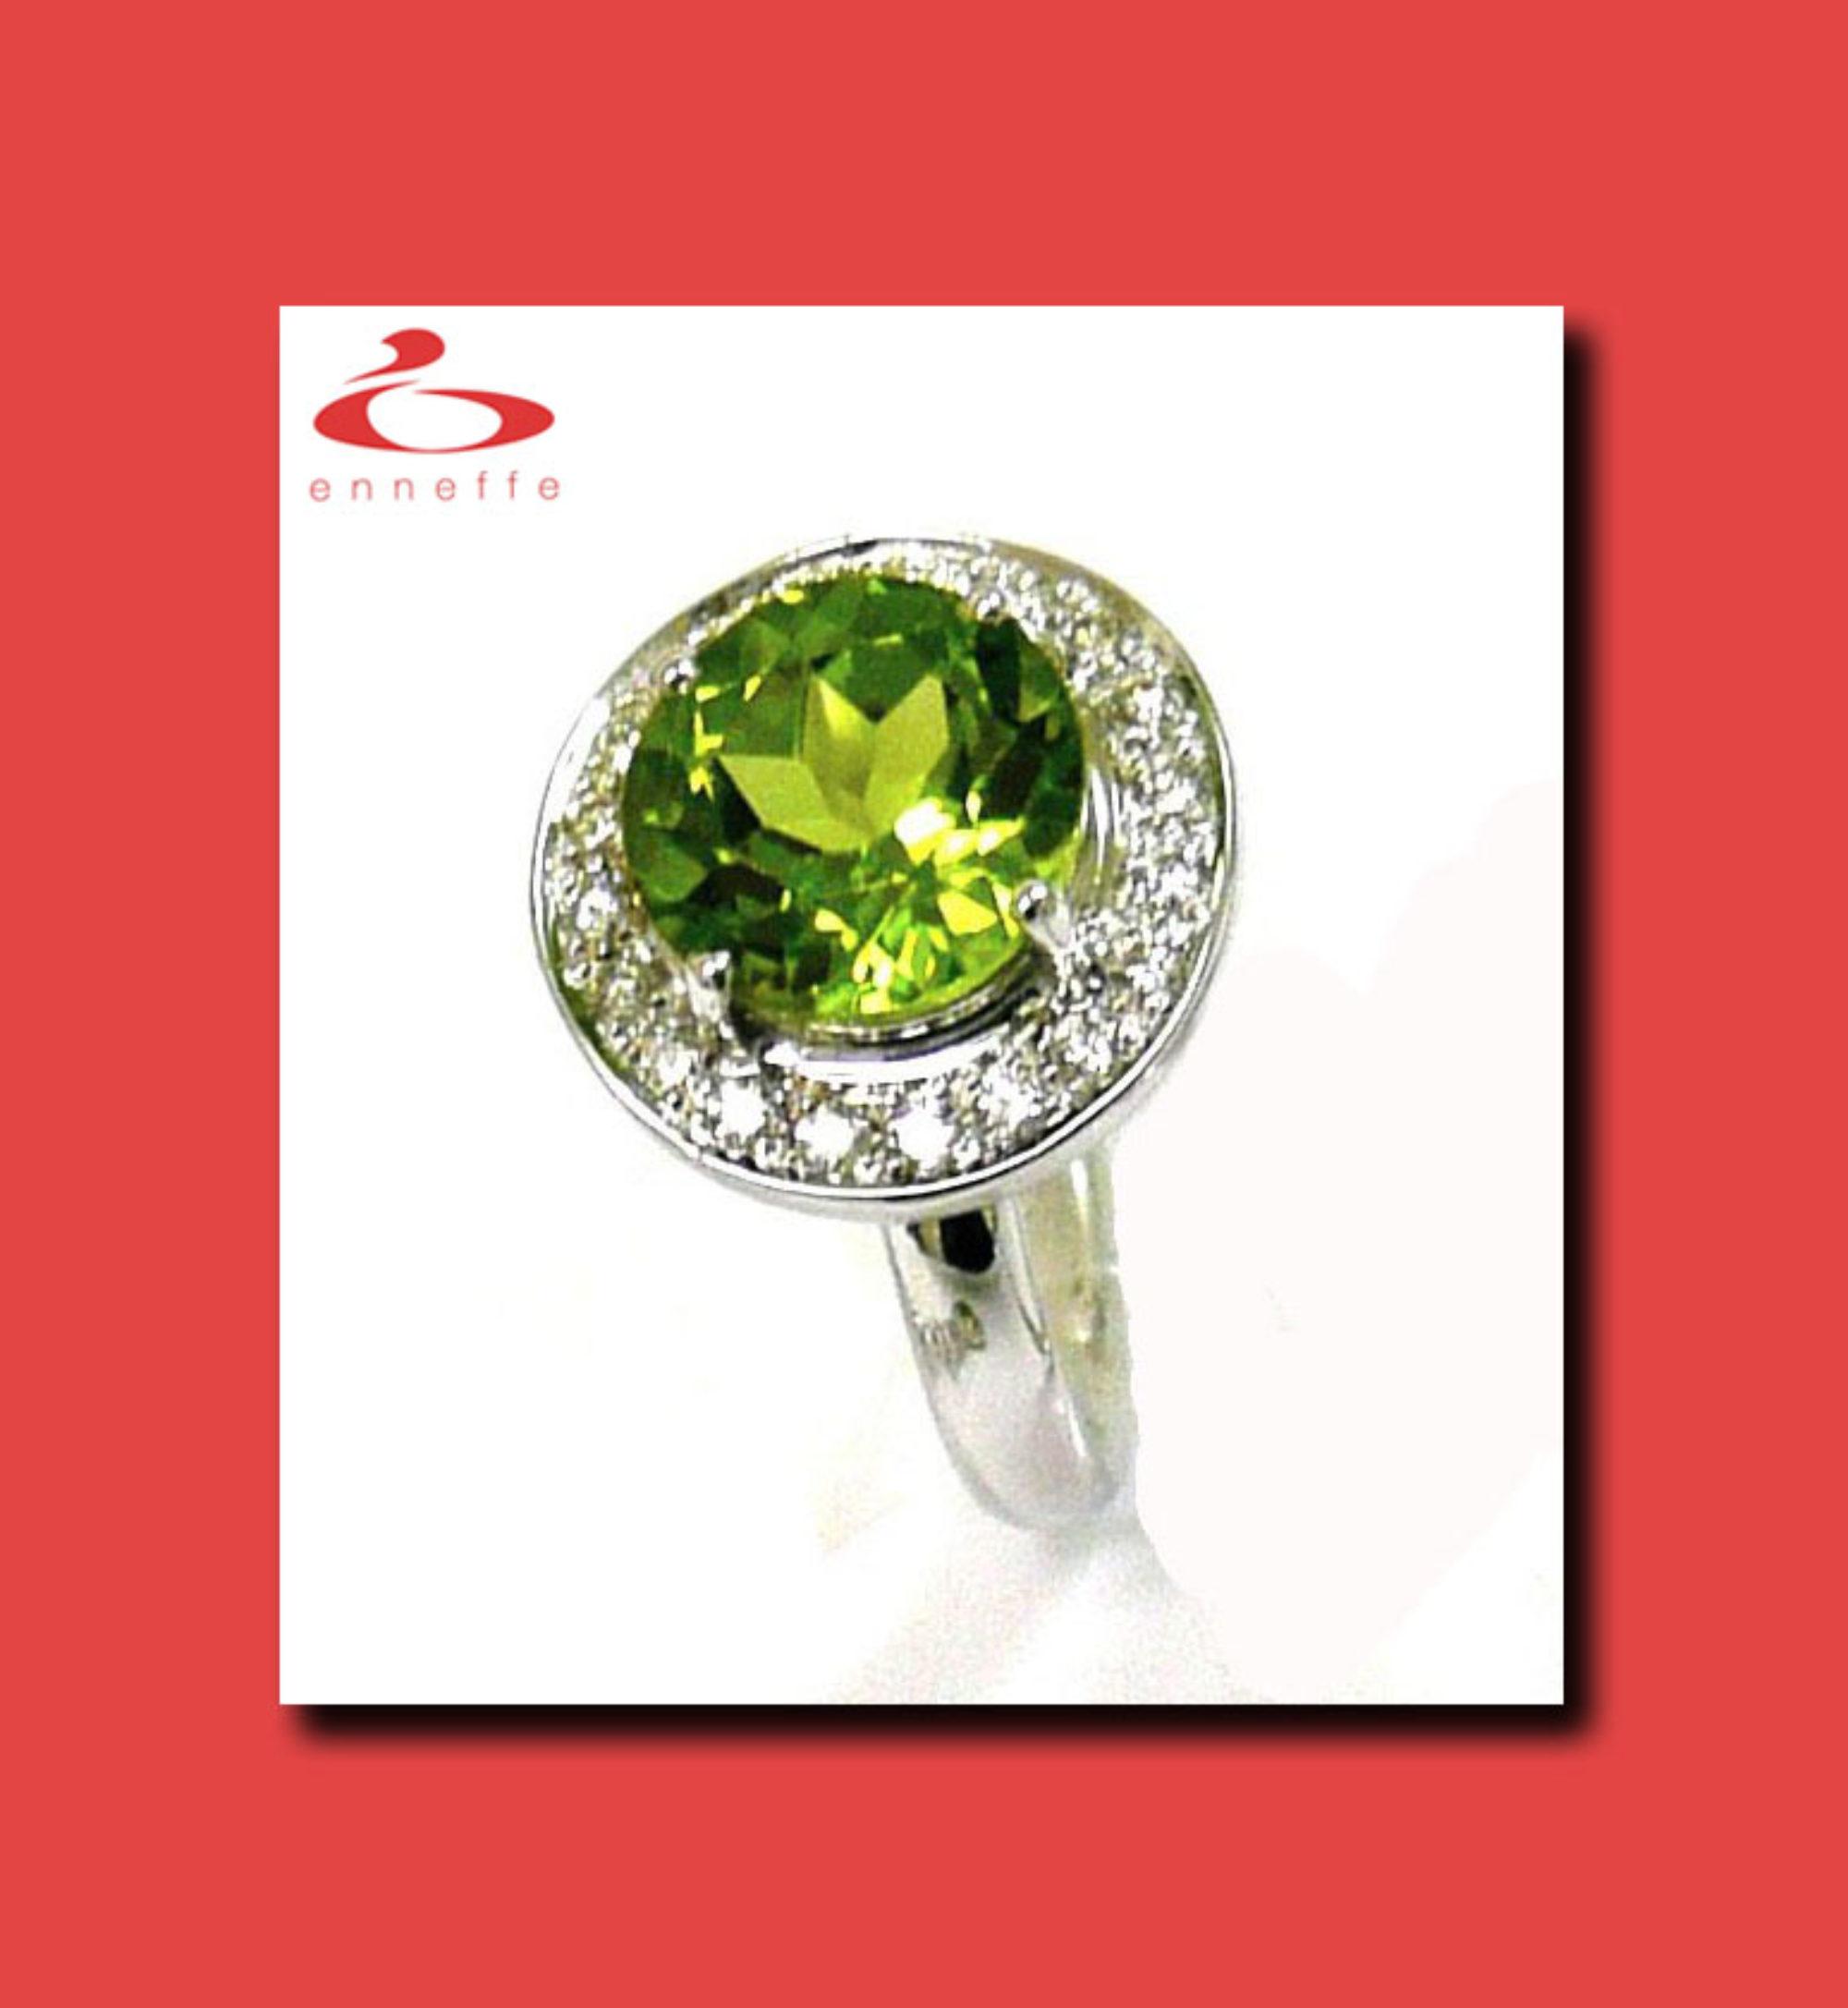 Enneffe gioielli gioielli di design for Design di gioielli